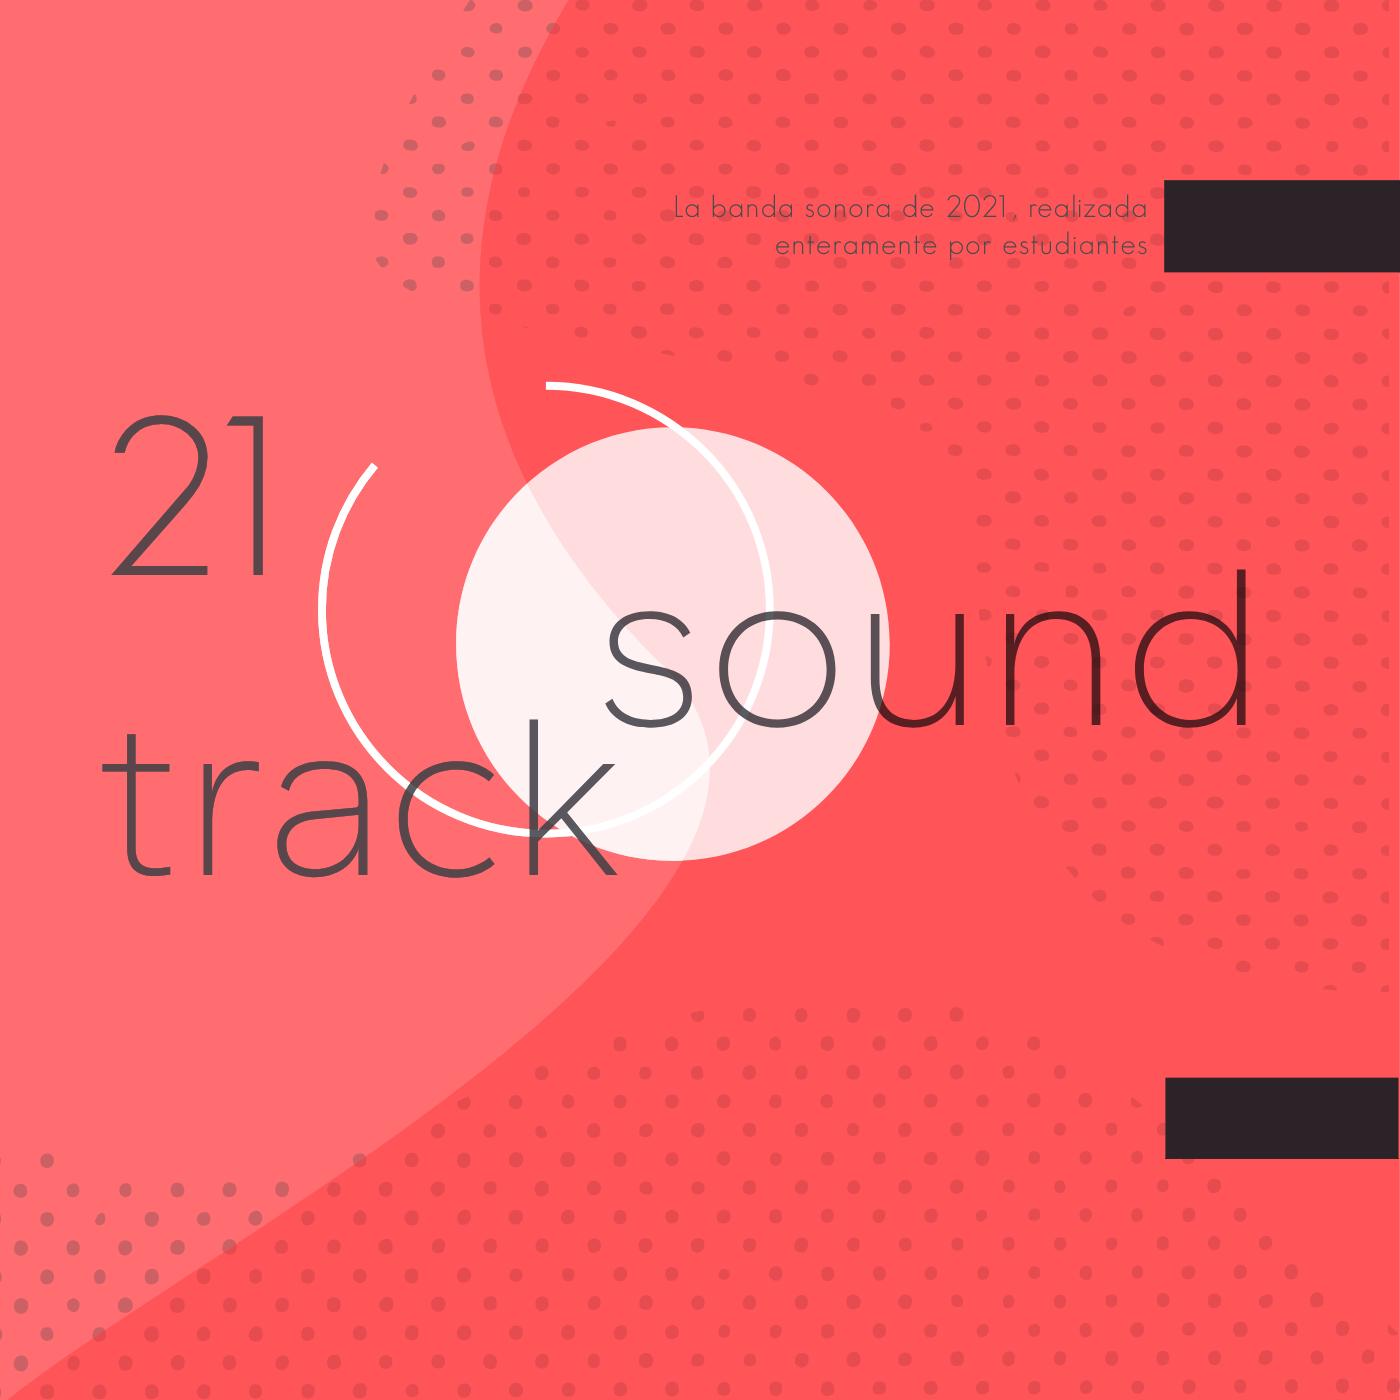 Soundtrack21